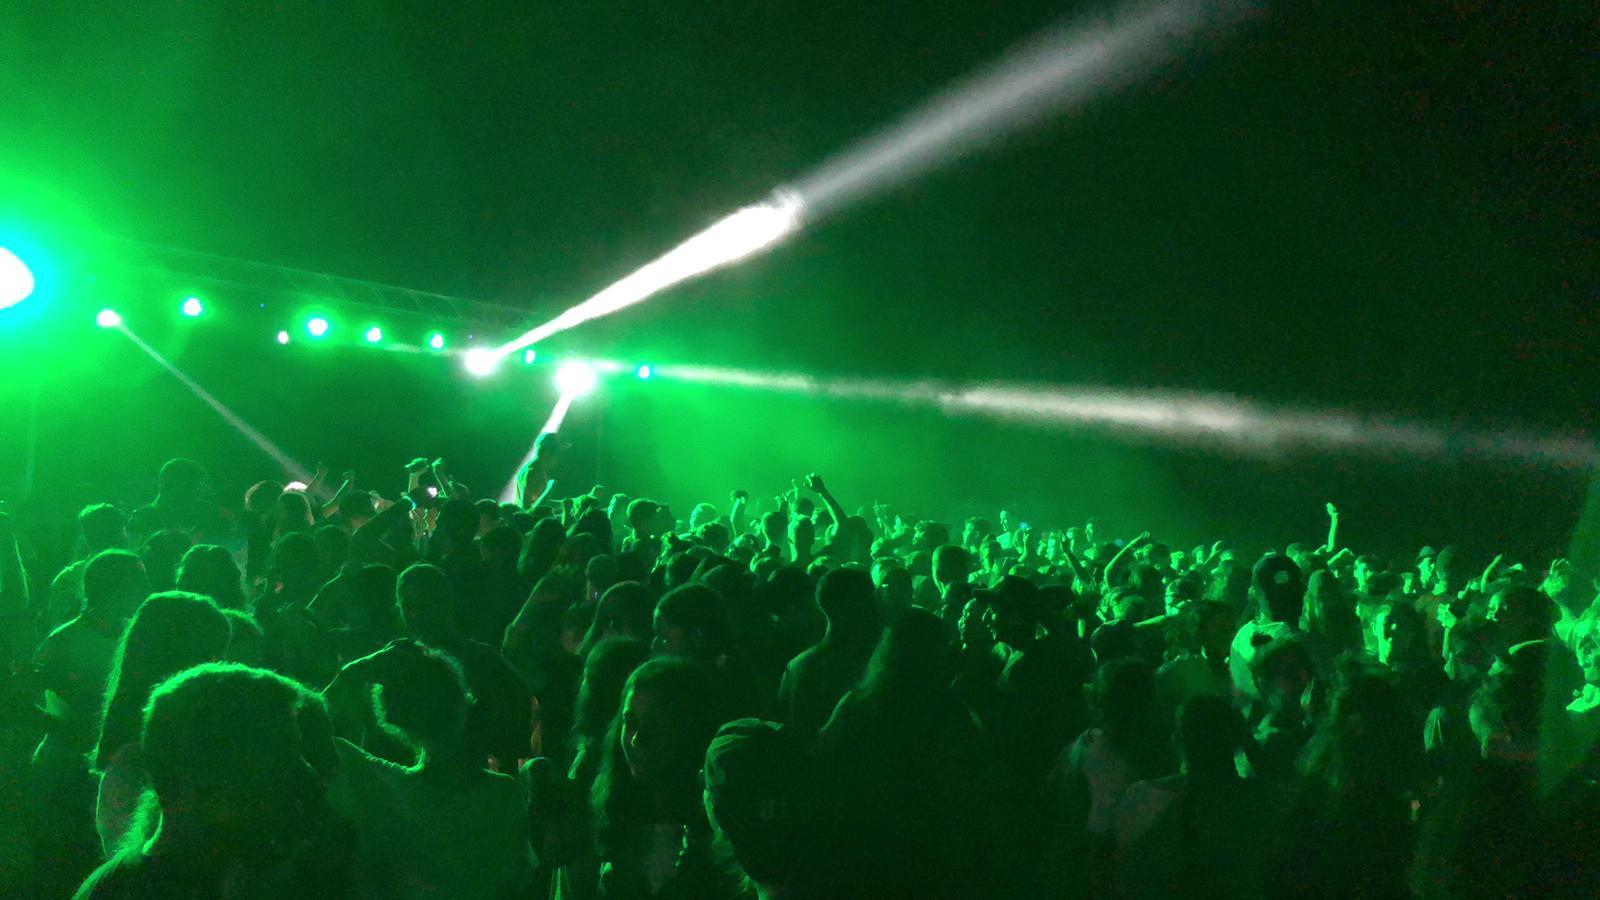 מסיבת נוער תאורה